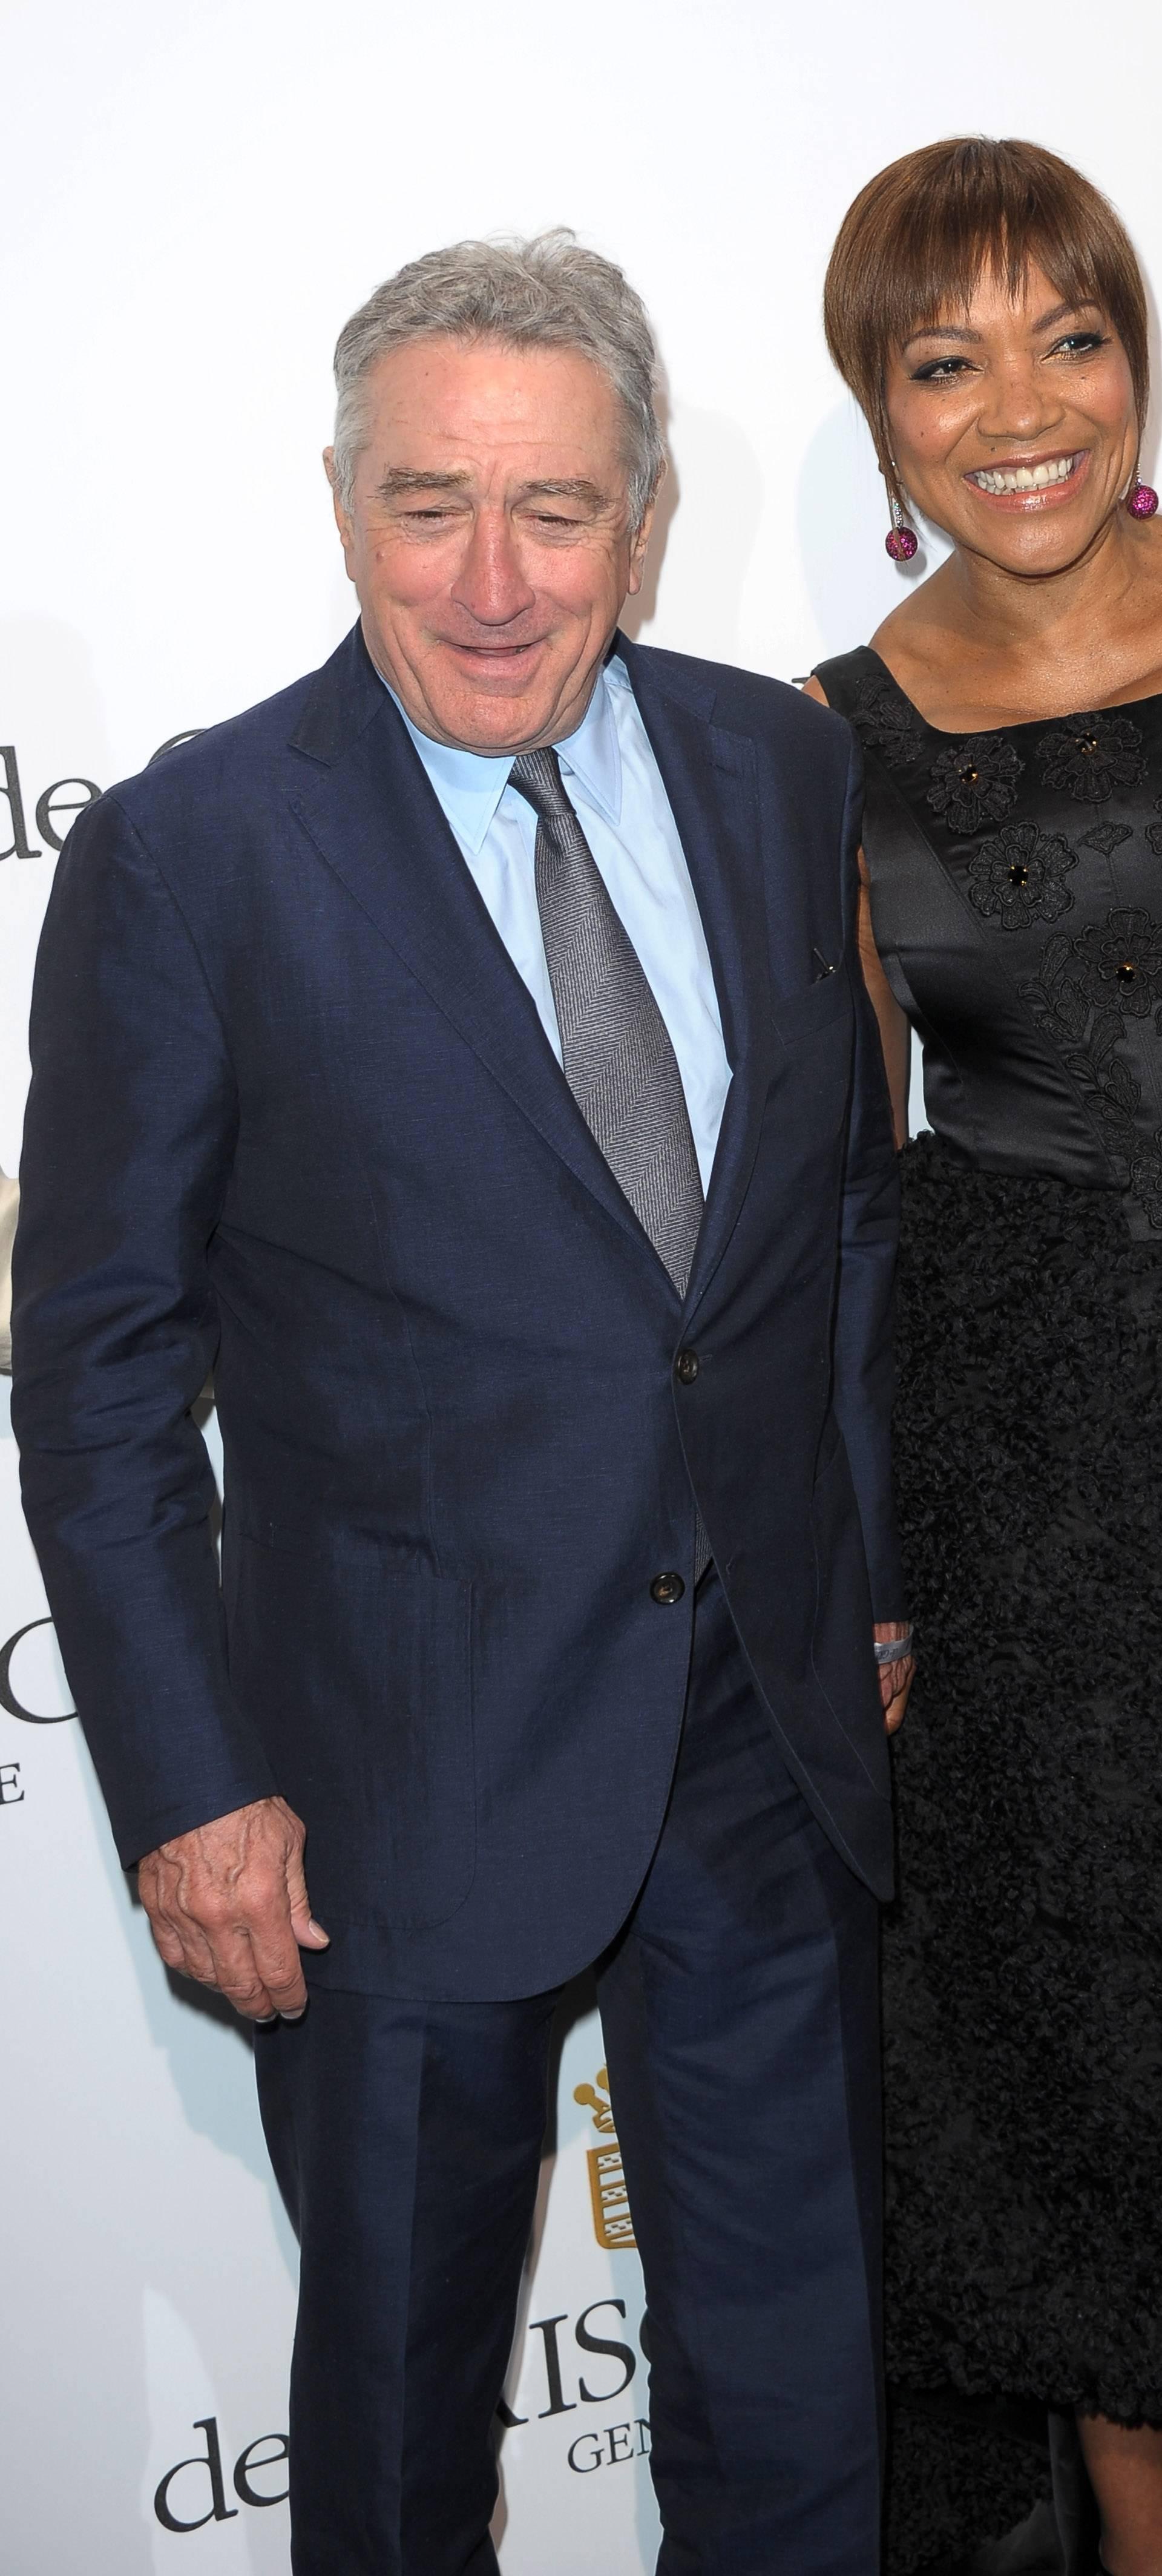 69th Cannes Film Festival 2016, Red Carpet Party De Grisogono